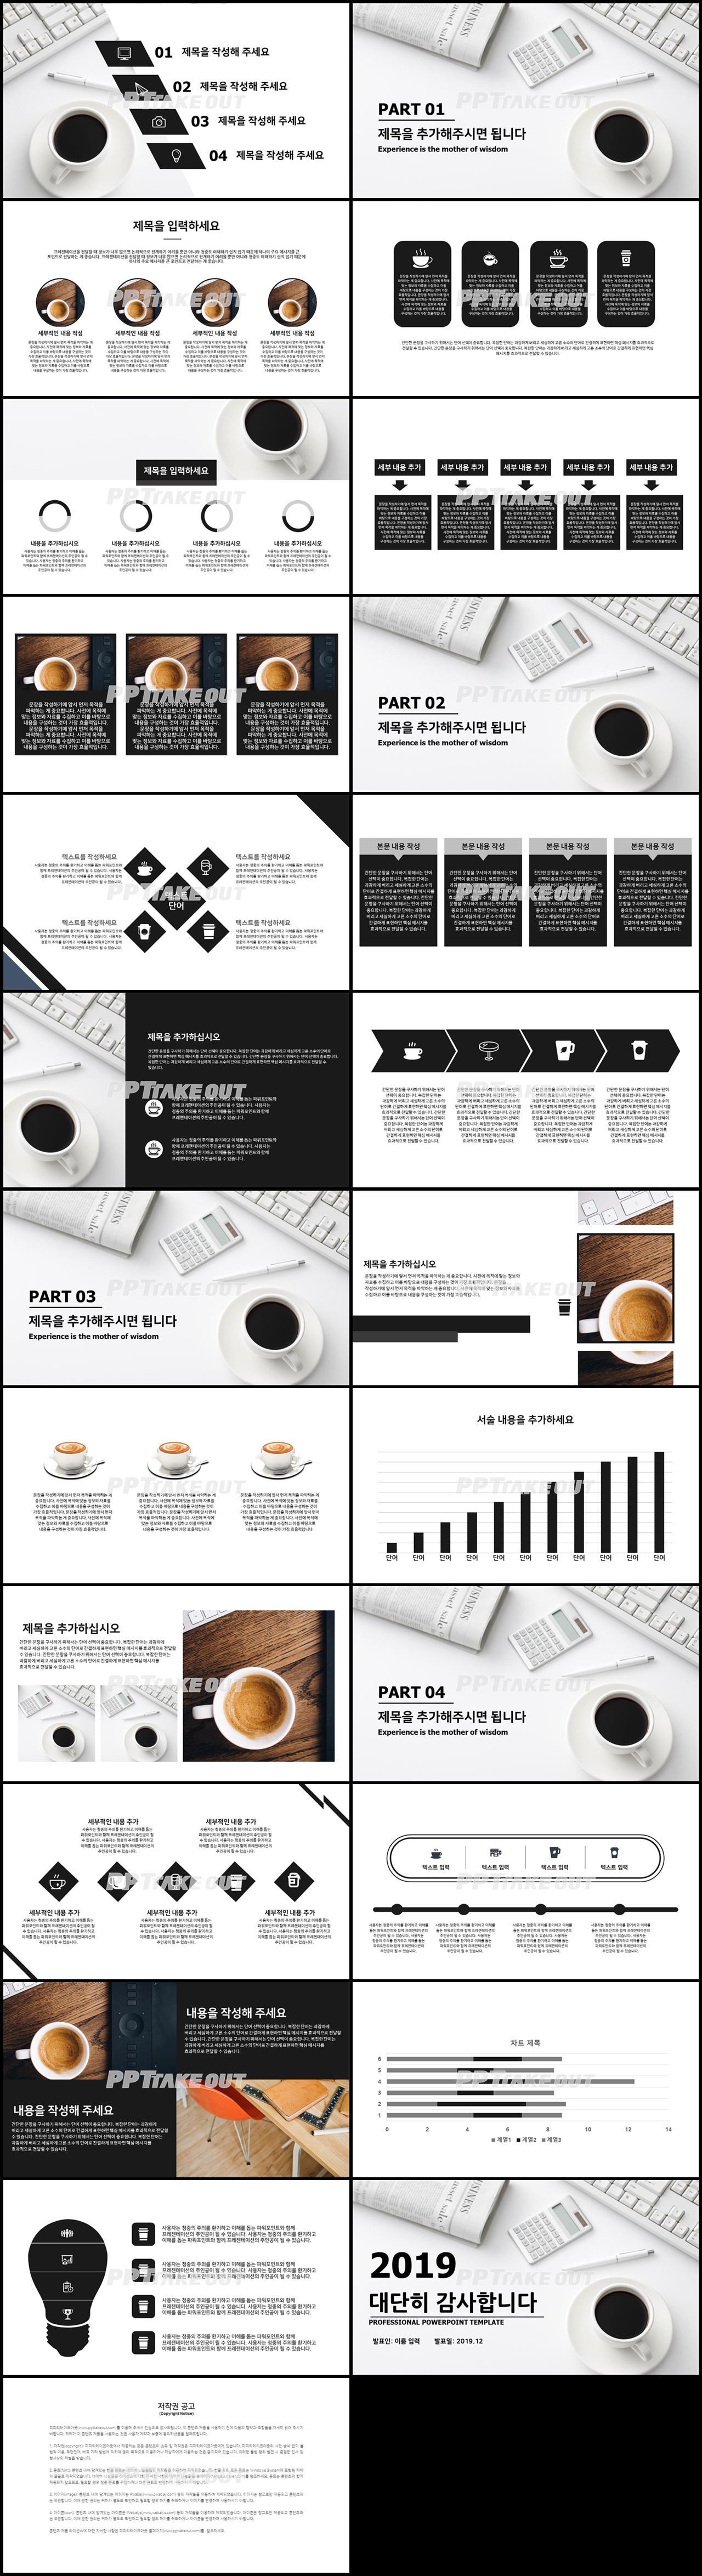 비즈니스 그레이 깔끔한 고급형 피피티탬플릿 디자인 상세보기